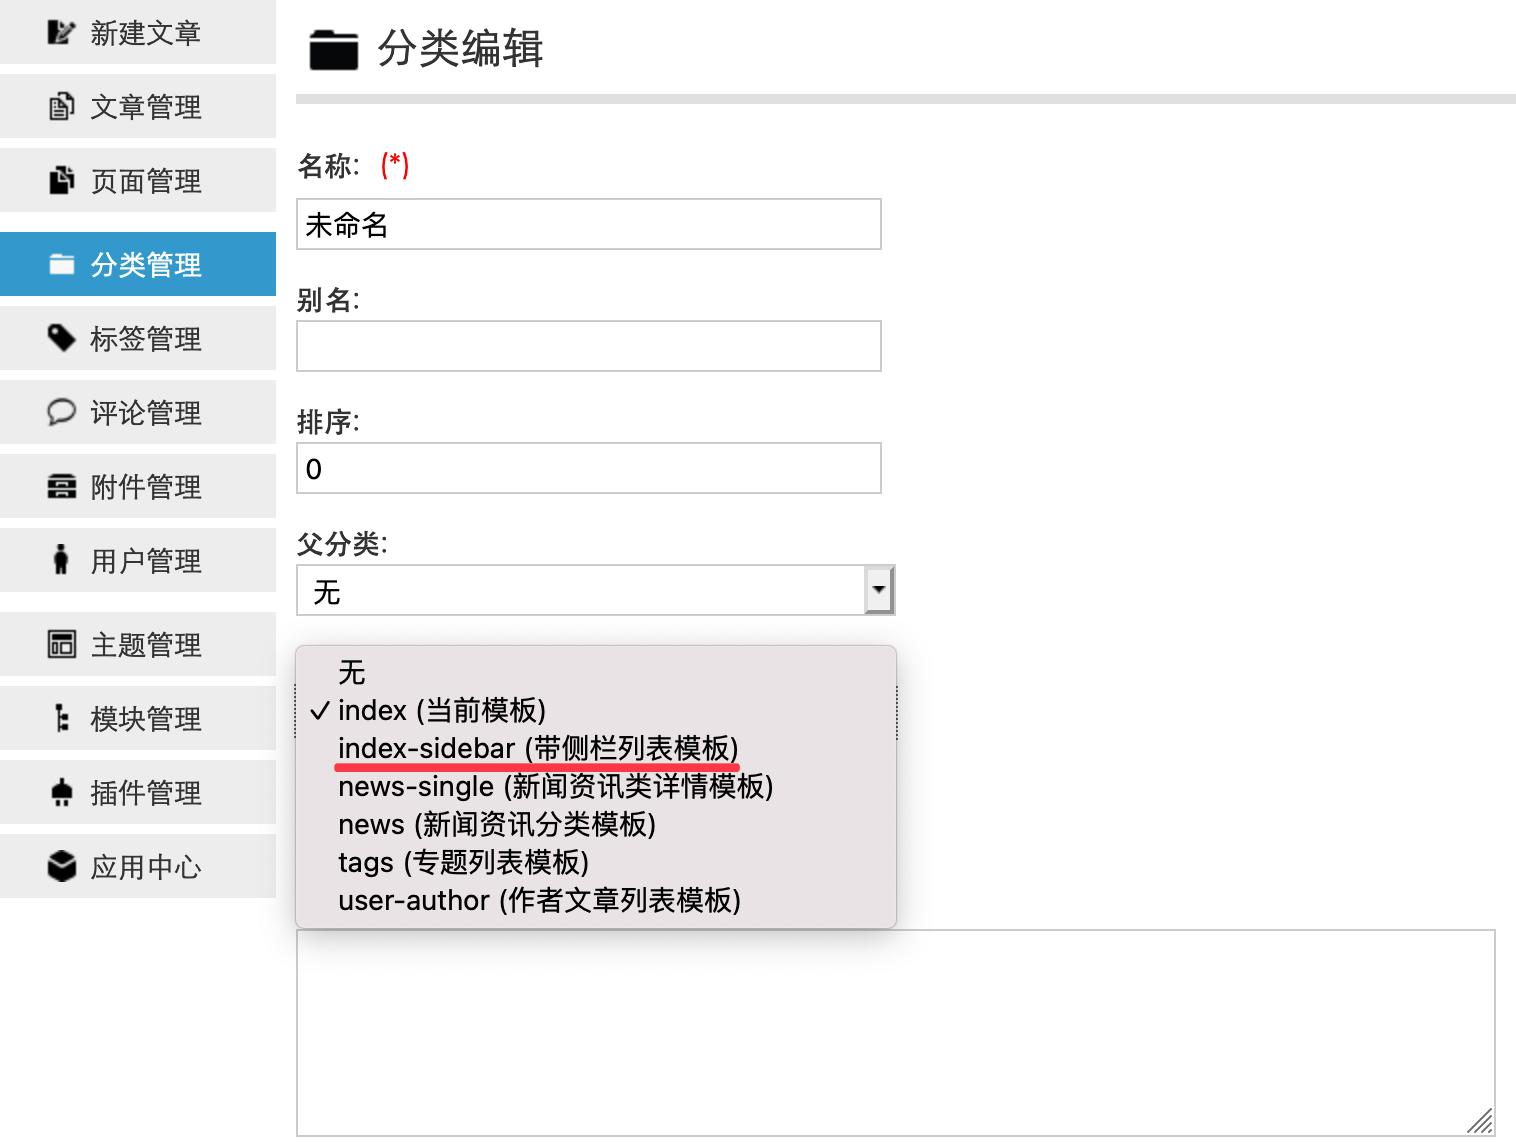 优美畅享版企业站响应式主题 企业站主题 自适应 zblog 模板 主题 zblog主题  图1